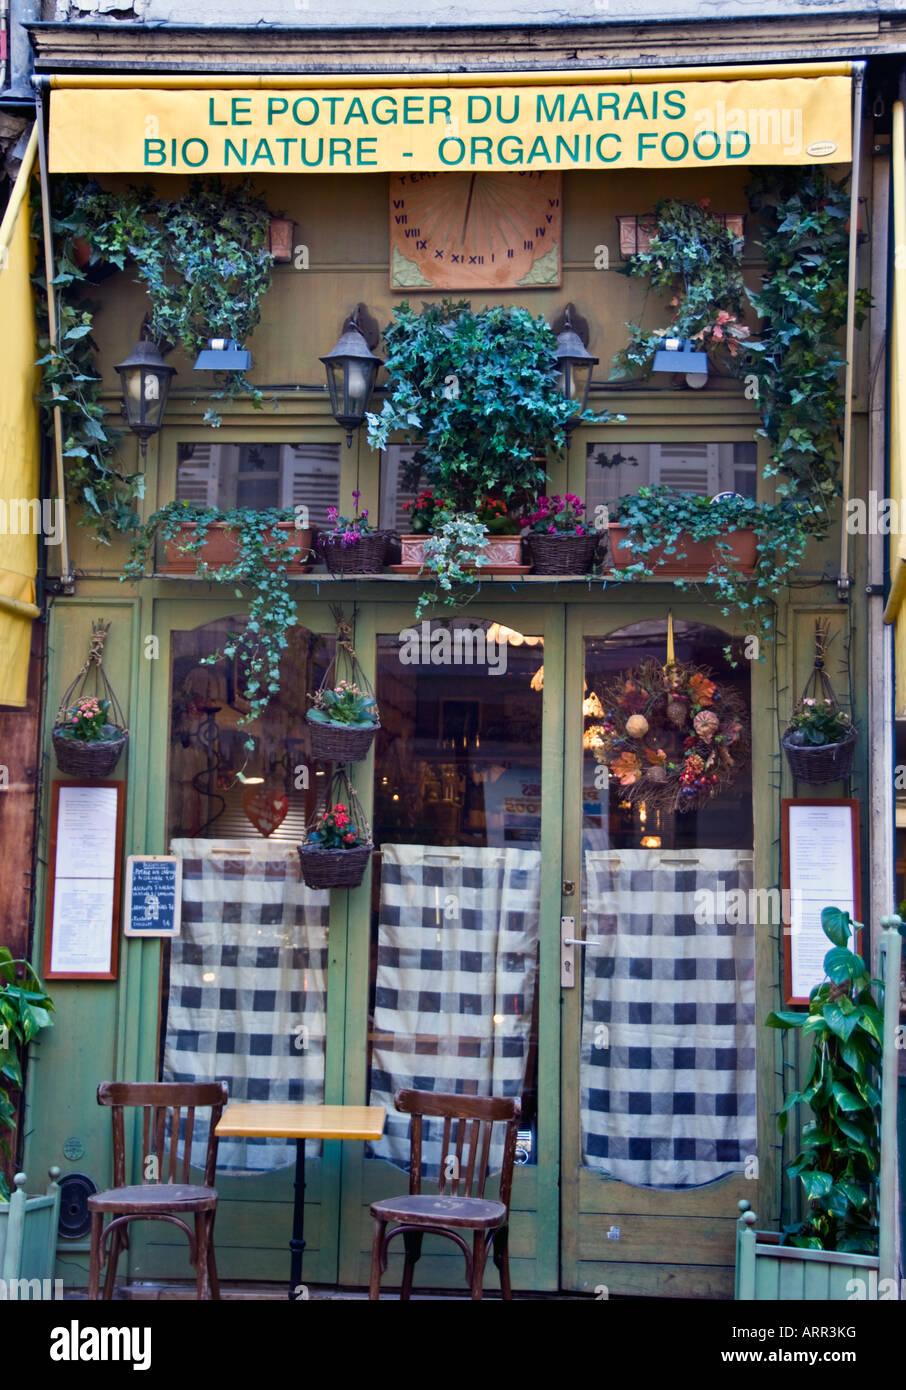 Paris France, Old Storefront 'Organic Food' Restaurant in the Marais Area 'le Potager du Marais' - Stock Image